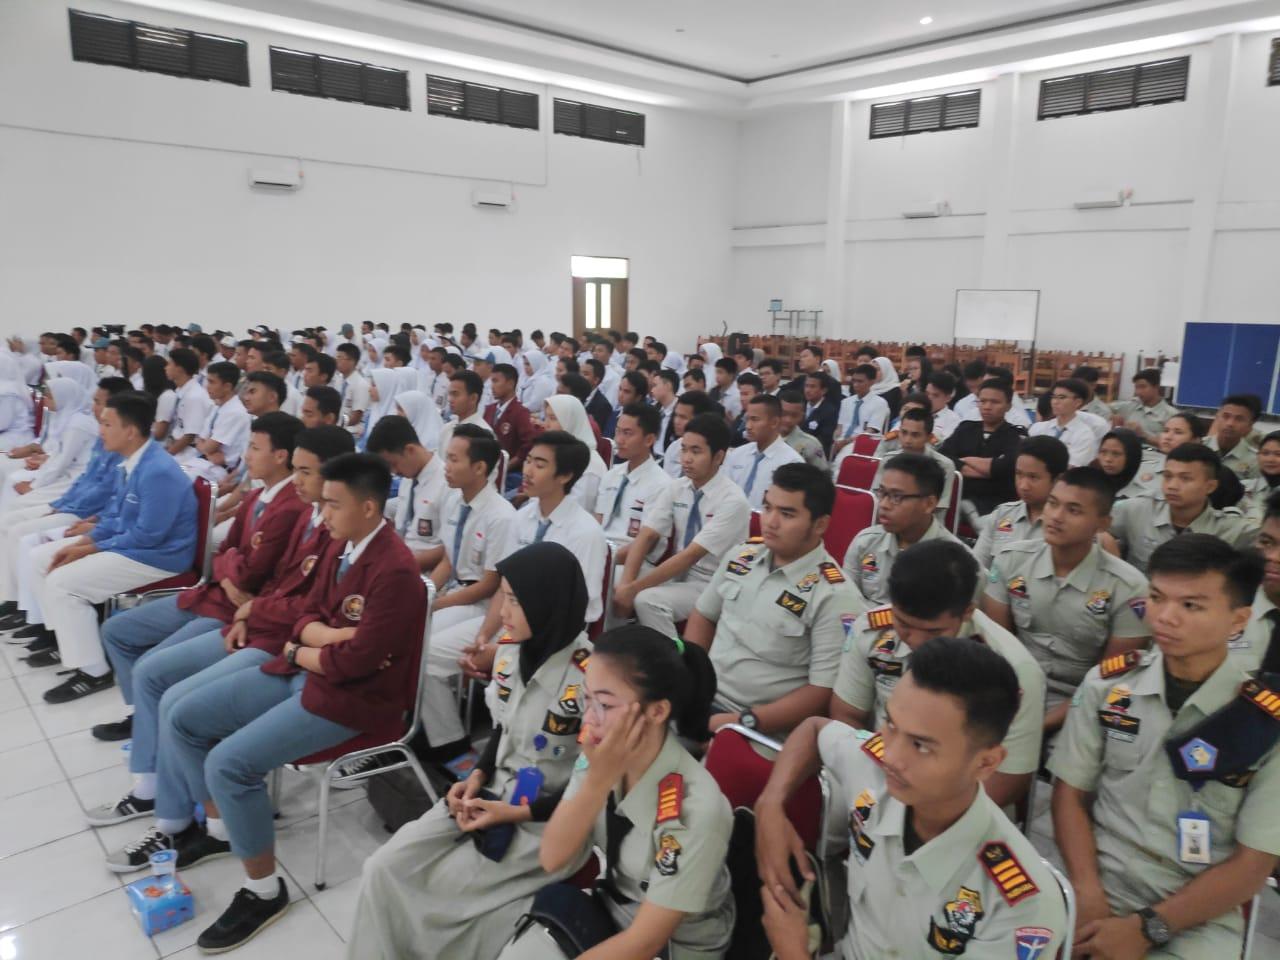 Polda Metro Jaya Dan Polres Jakbar Gelar Sosialisasi Penerimaan Anggota Polri Kepada Para Pelajar